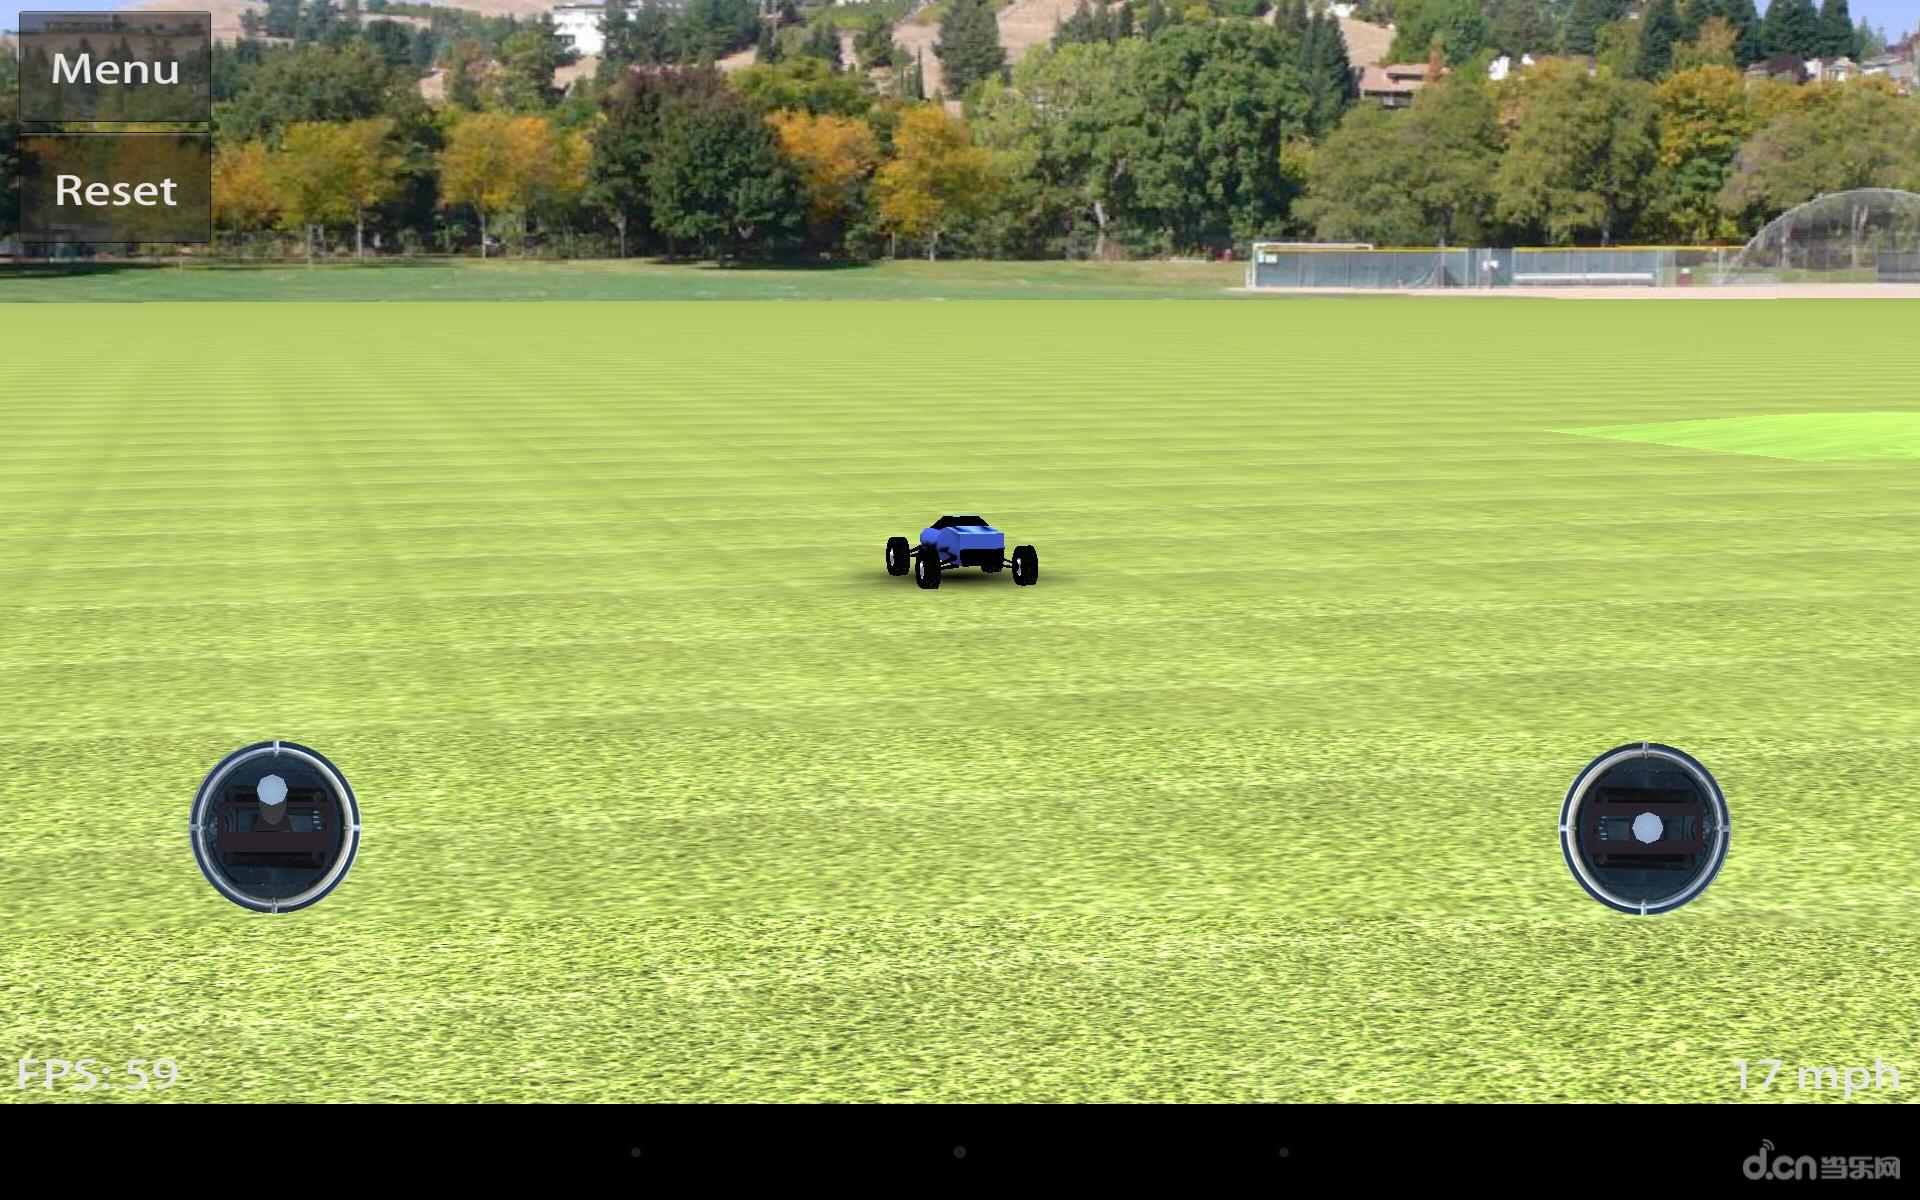 模拟遥控直升机_模拟遥控直升机安卓版下载